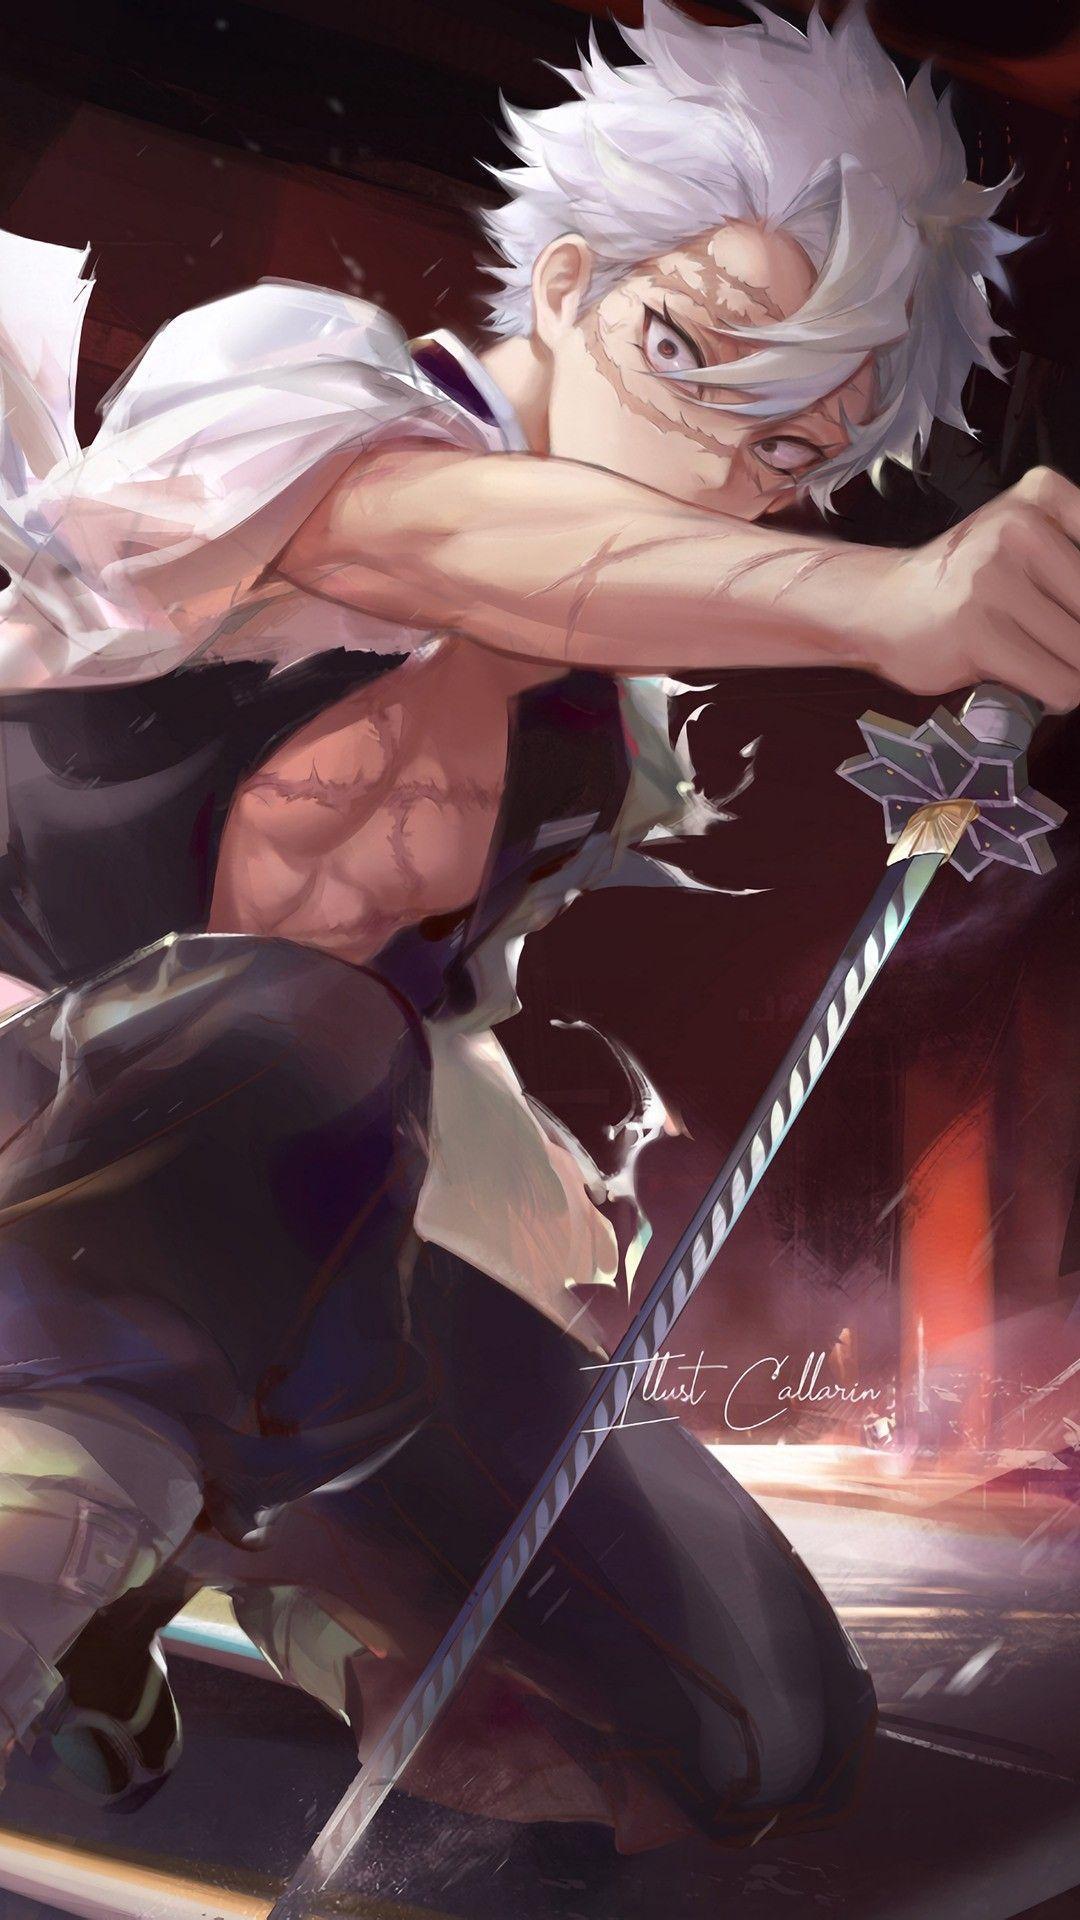 Narutodemon slayerwater hashirakimetsu no yaibablackgiyuuiphoneanimegiyu. Demon Slayer Hashira Wallpapers - Top Free Demon Slayer ...